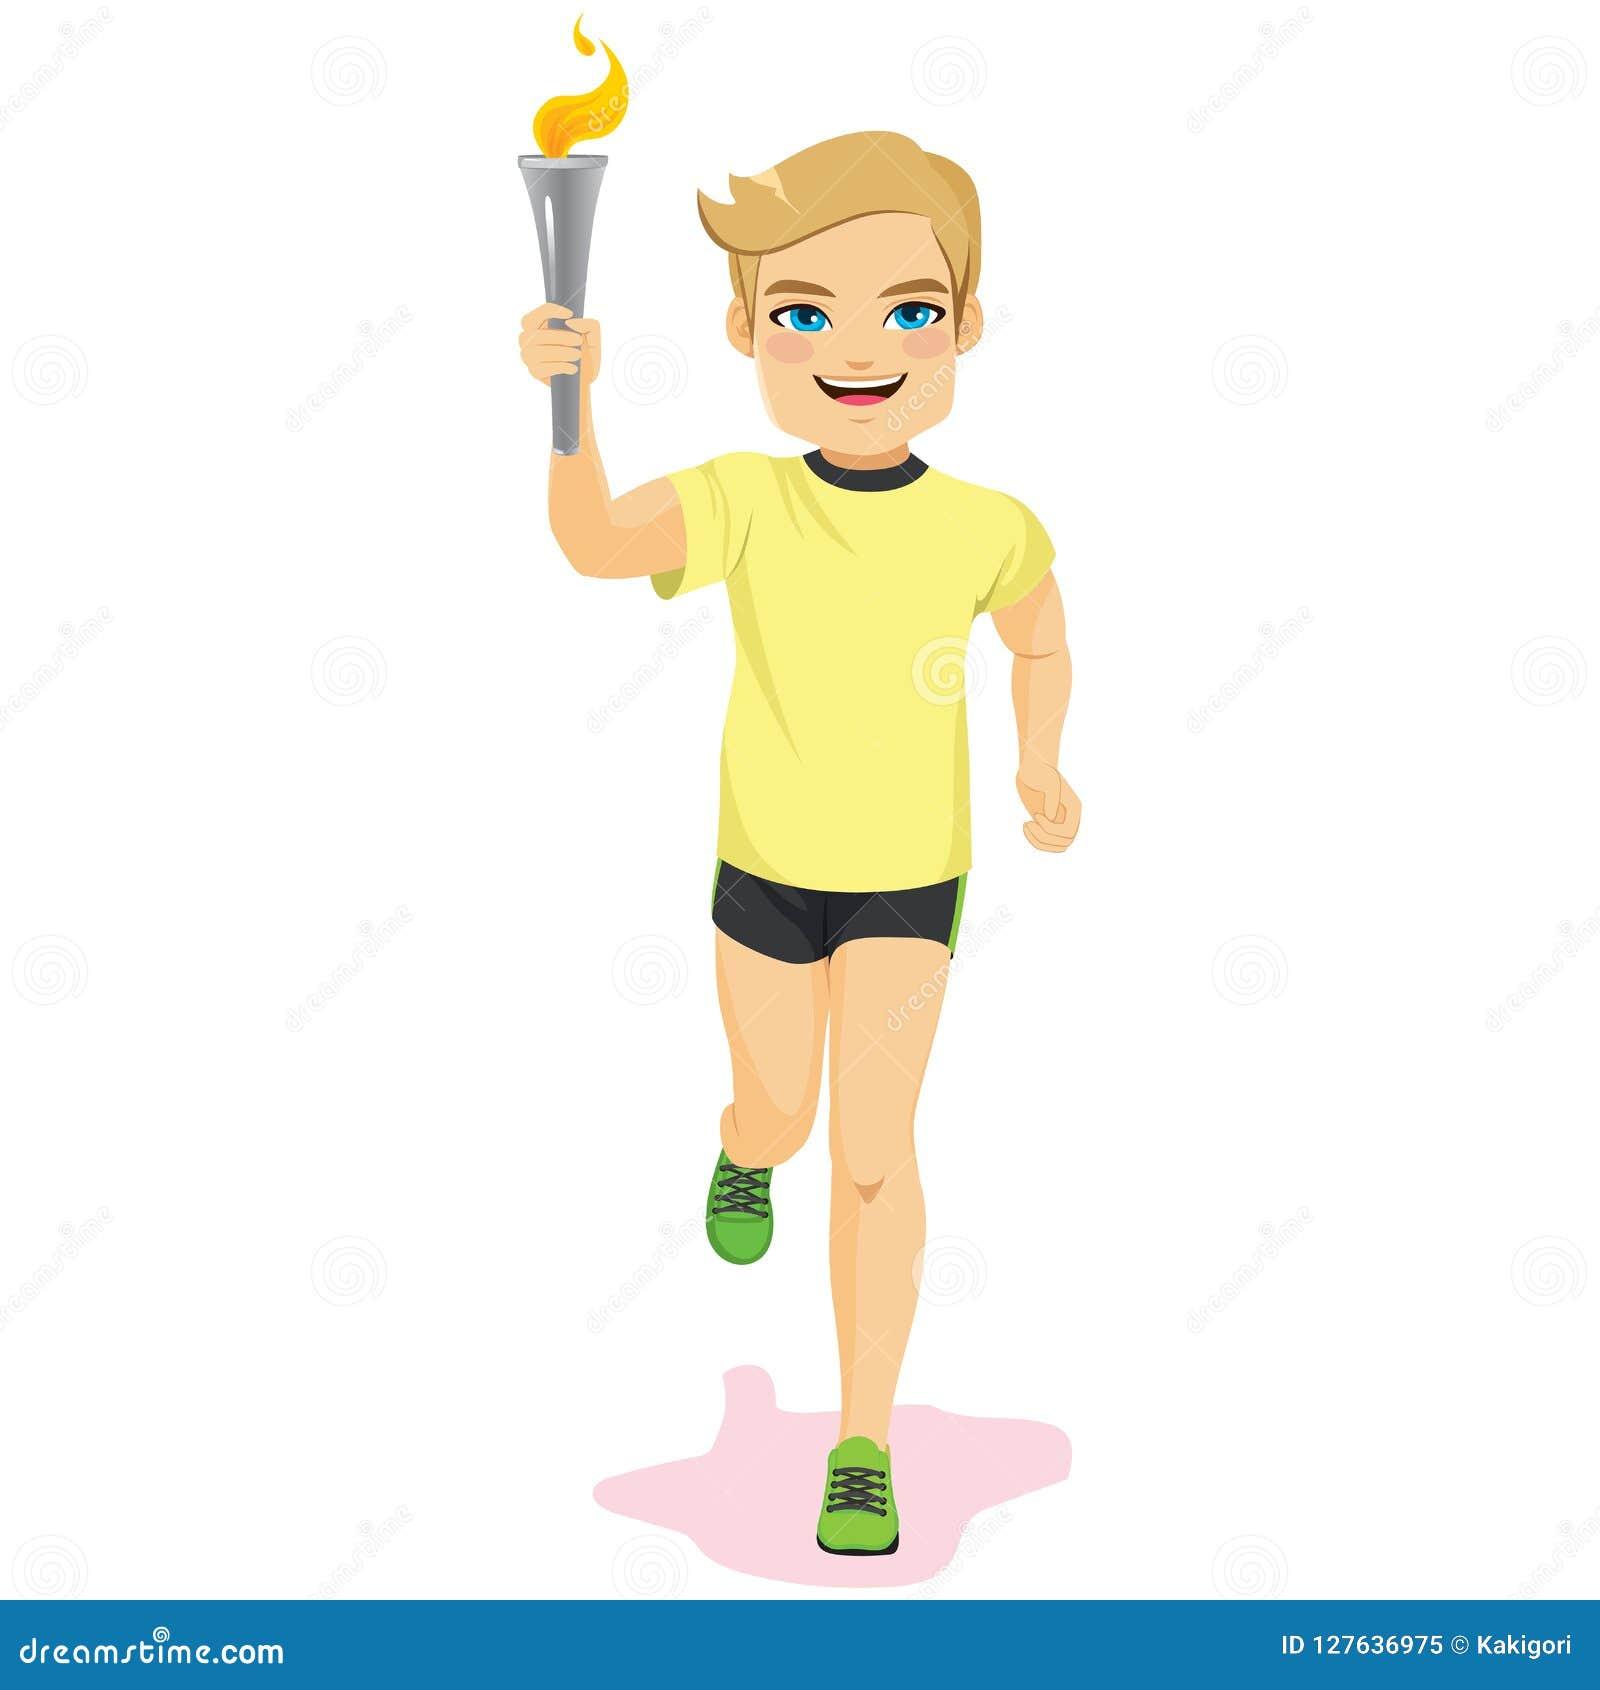 что-ж, будем картинка спортсмен бежит с факелом практичная она